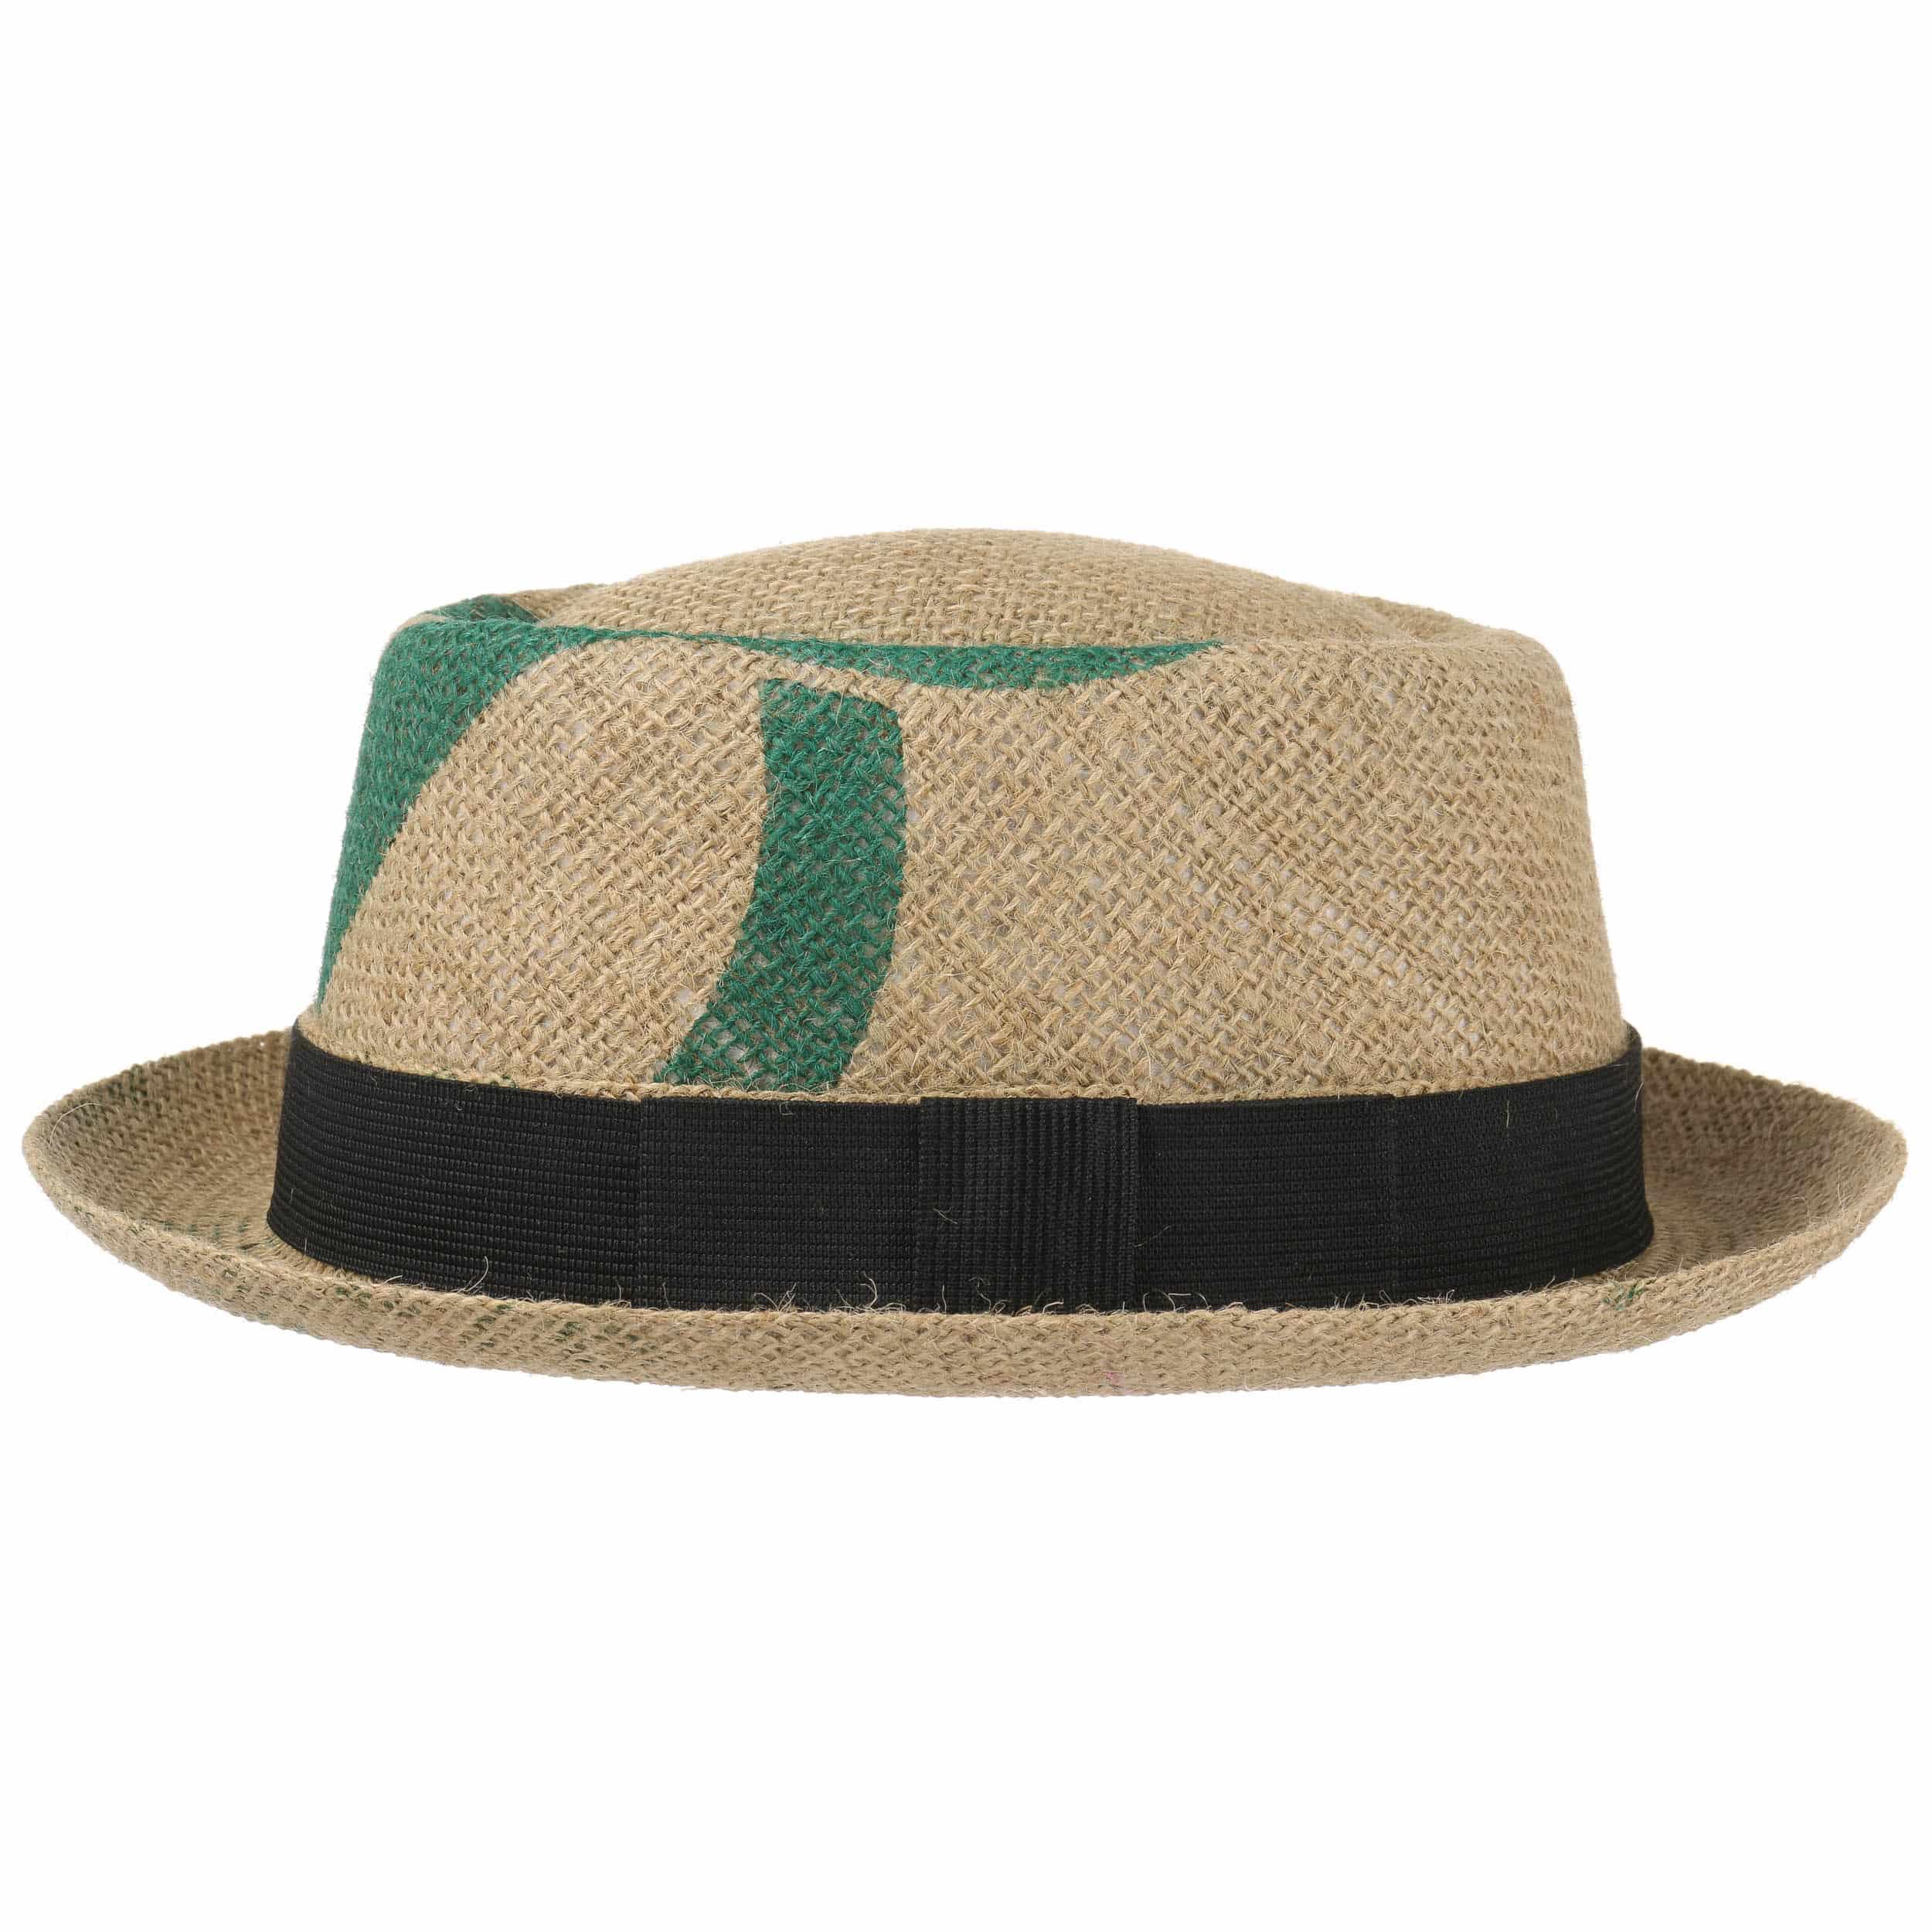 ... Café Pork Pie Hat by ReHats - nature-green 3 ... 9ede83e9a82